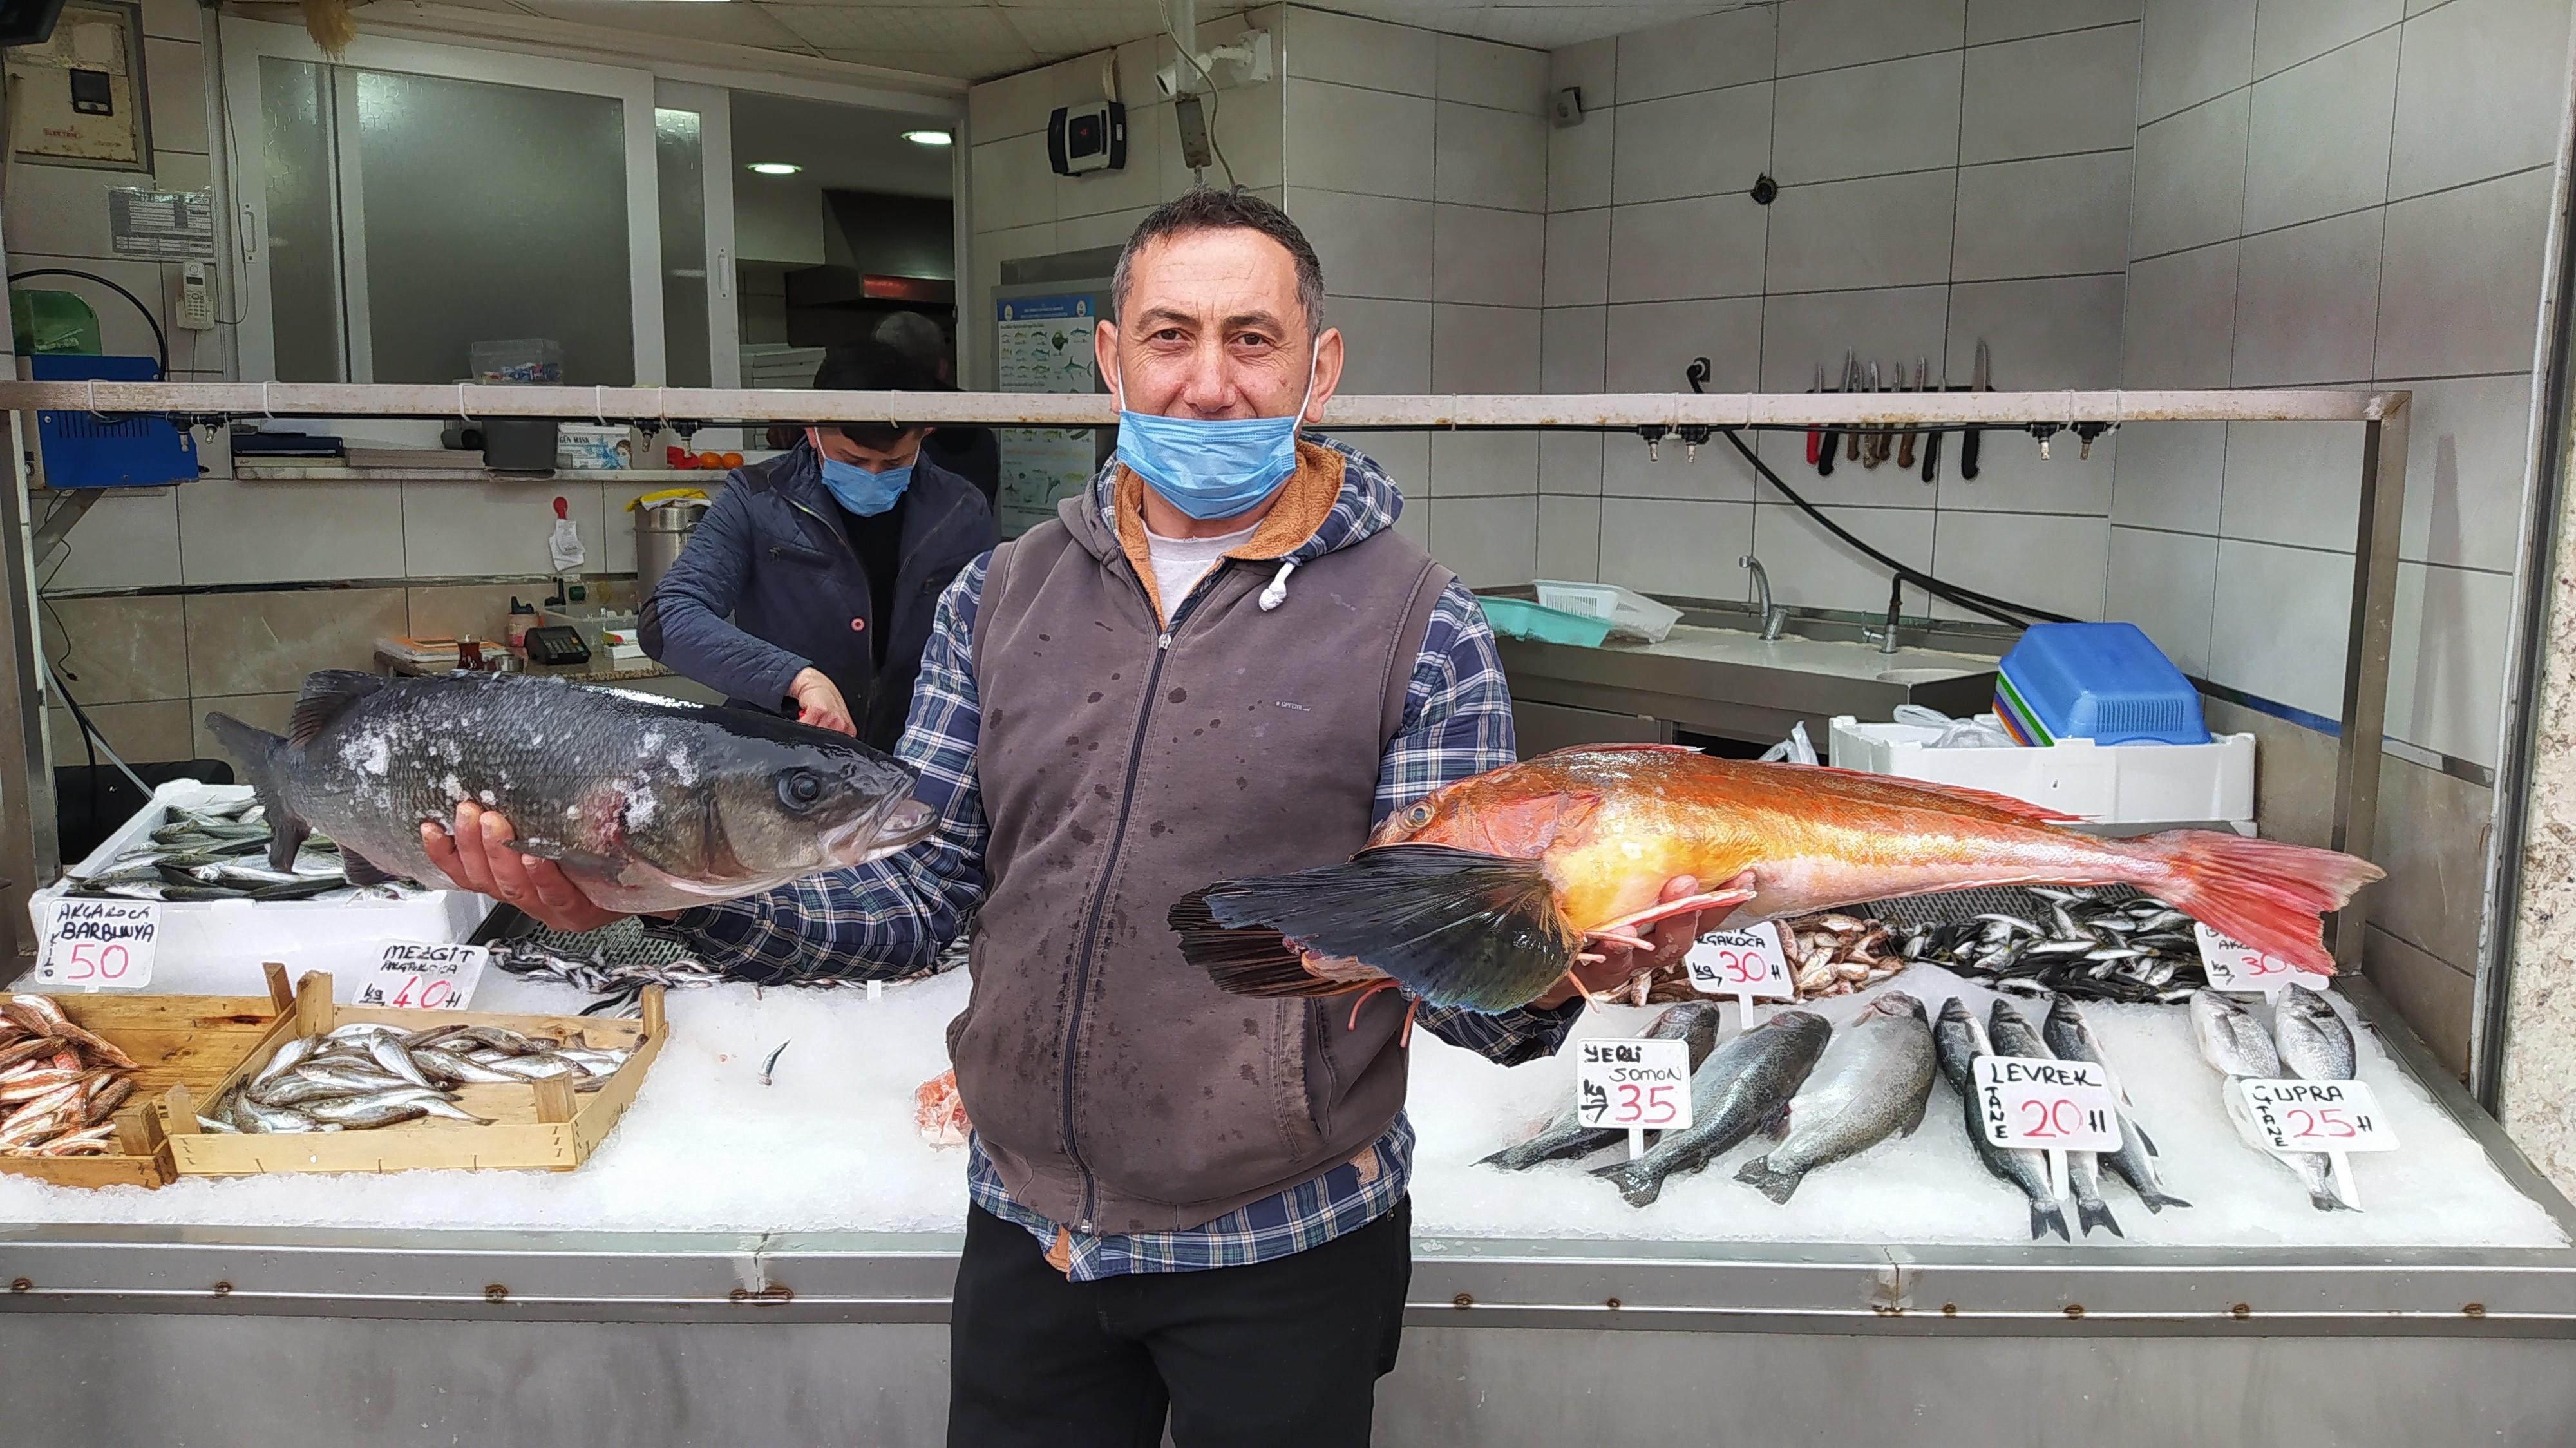 <p>Düzce'nin Akçakoca ilçesinde denize açılan balıkçılar, kırlangıç ve levrek ile döndü. Tezgahları süsleyen balıklar Karadeniz'de bereket yaşatırken, kırlangıç kilosu 100, levrek ise kilosu 140 TL'den satışa sunuldu.</p> <p></p> <p>Akçakoca'dan tekneleriyle denize açılan balıkçılar, avladıkları kırlangıç ve levrek balıklarıyla Akçakoca Limanı'na dönmenin mutluluğunu yaşadı. İlçenin balıkçı tezgahında sergilenen 4 kilo ağırlığında kırlangıç balığının kilosu 100 TL'den satışa çıkarıldı. 5 kilo ağırlığındaki Karadeniz levreği ise kilosu 140 TL'den satışa sunuldu.</p> <p></p> <p>Balıkçılar, bu sezon önce palamut, ardından da hamsinin bol yakalandığını belirterek, pandemi döneminde satışlardan memnun olduklarını kaydettiler.</p>